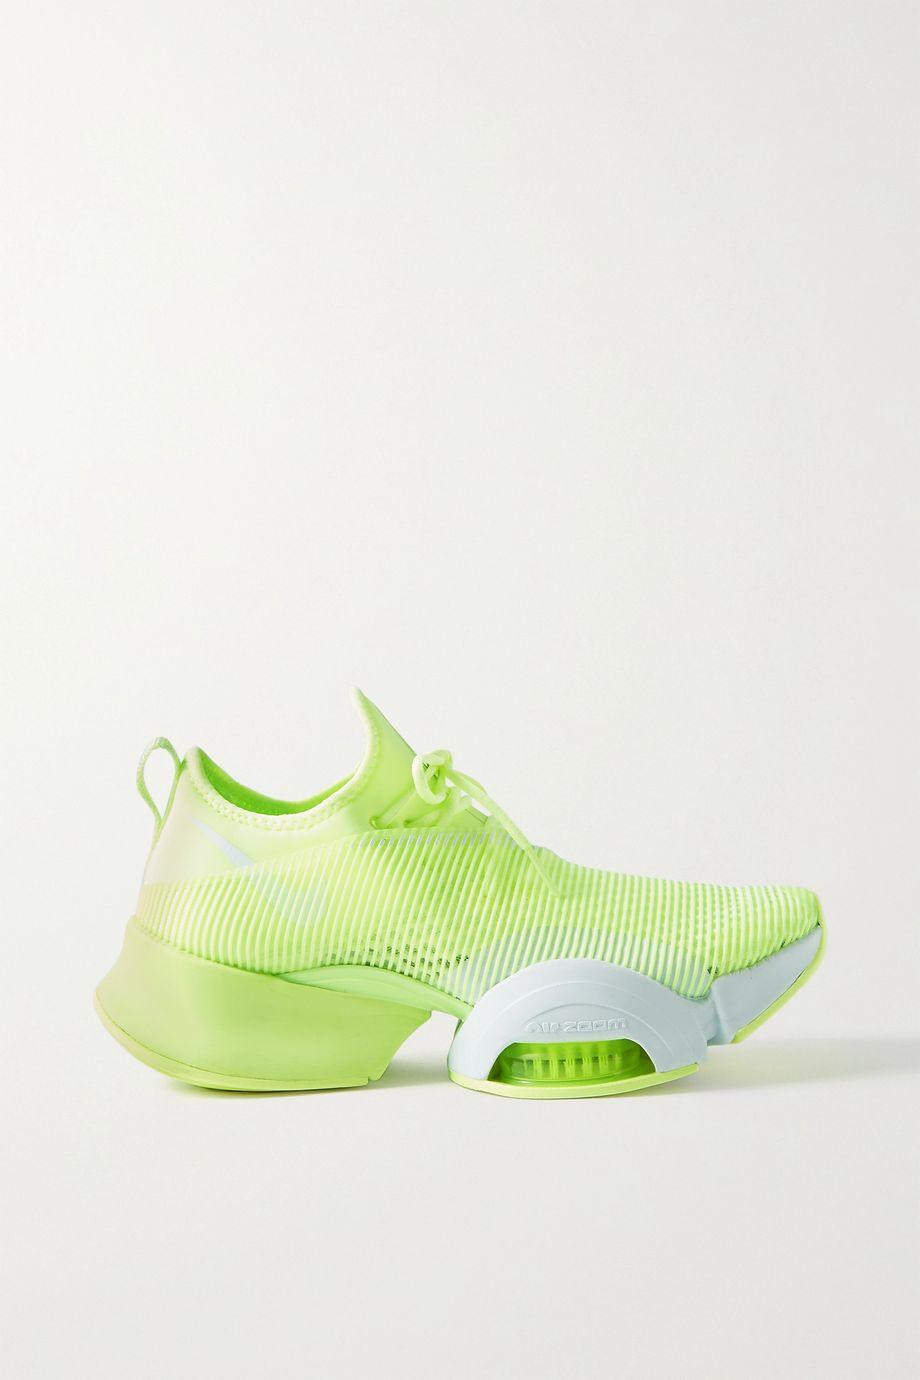 Nike Air Zoom SuperRep neoprene and mesh sneakers